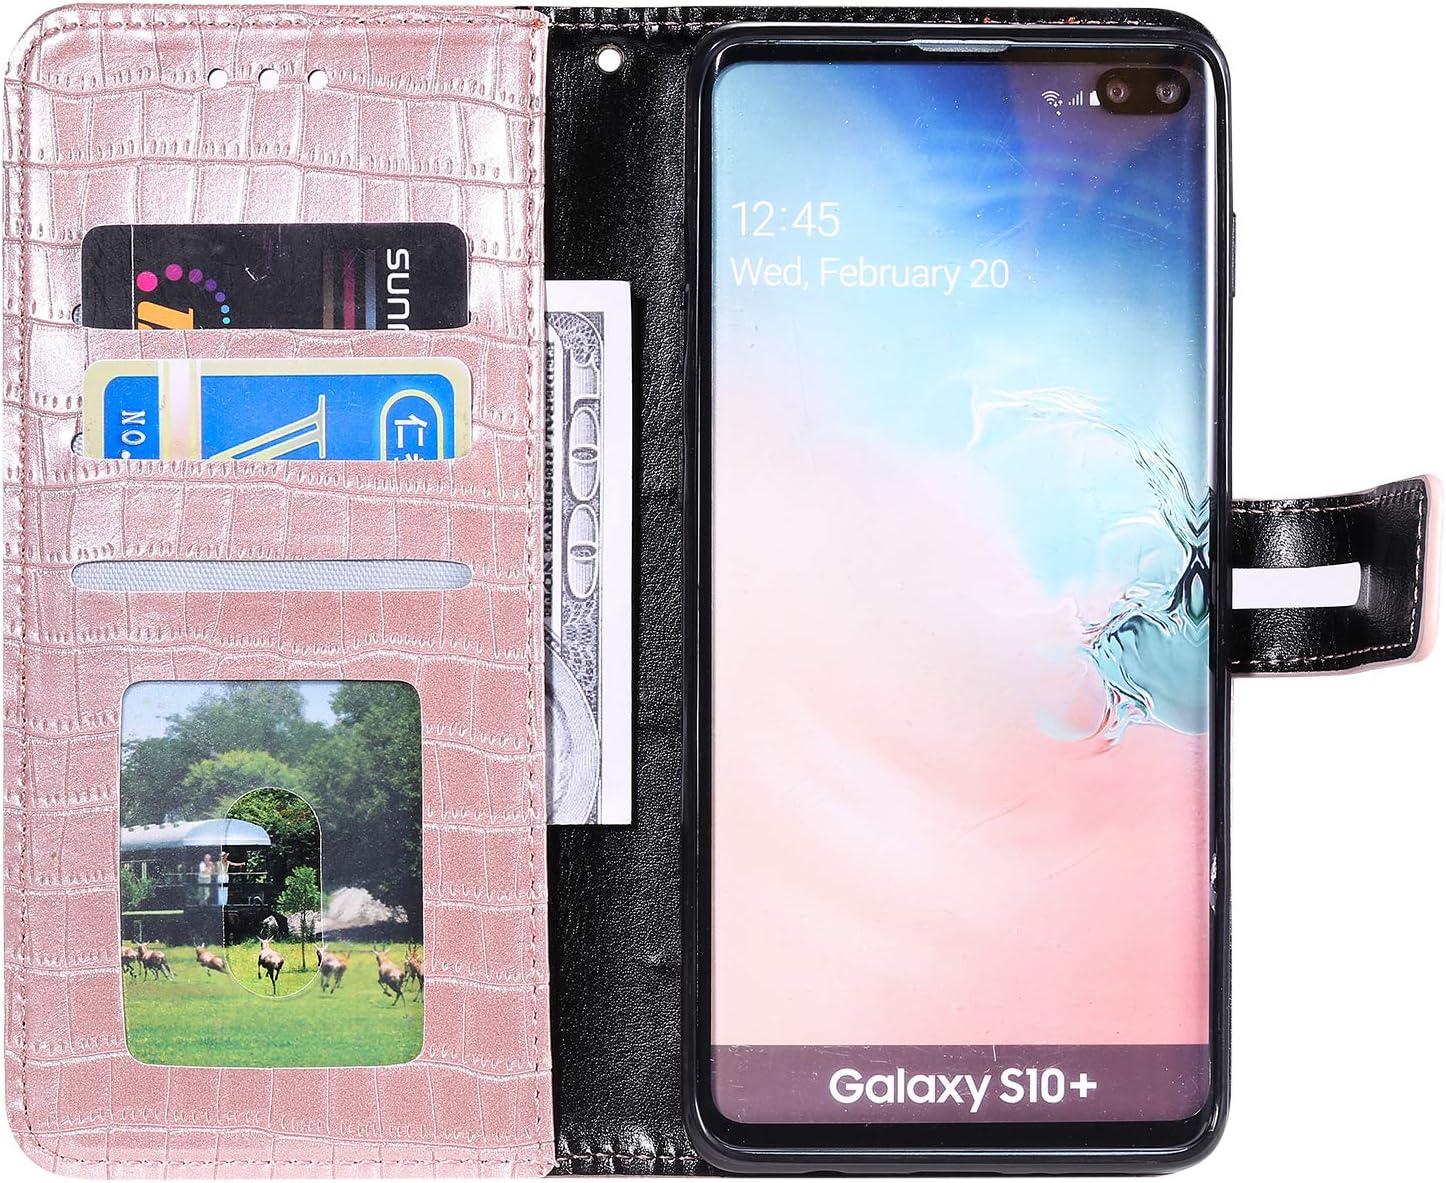 Portefeuille Lomogo Coque Galaxy S10+ LOHHA140273 Or Rose Housse en Cuir avec Porte Carte Fermeture par Rabat Aimant/é Antichoc /Étui Case pour Samsung Galaxy S10+ //G975F S10 Plus